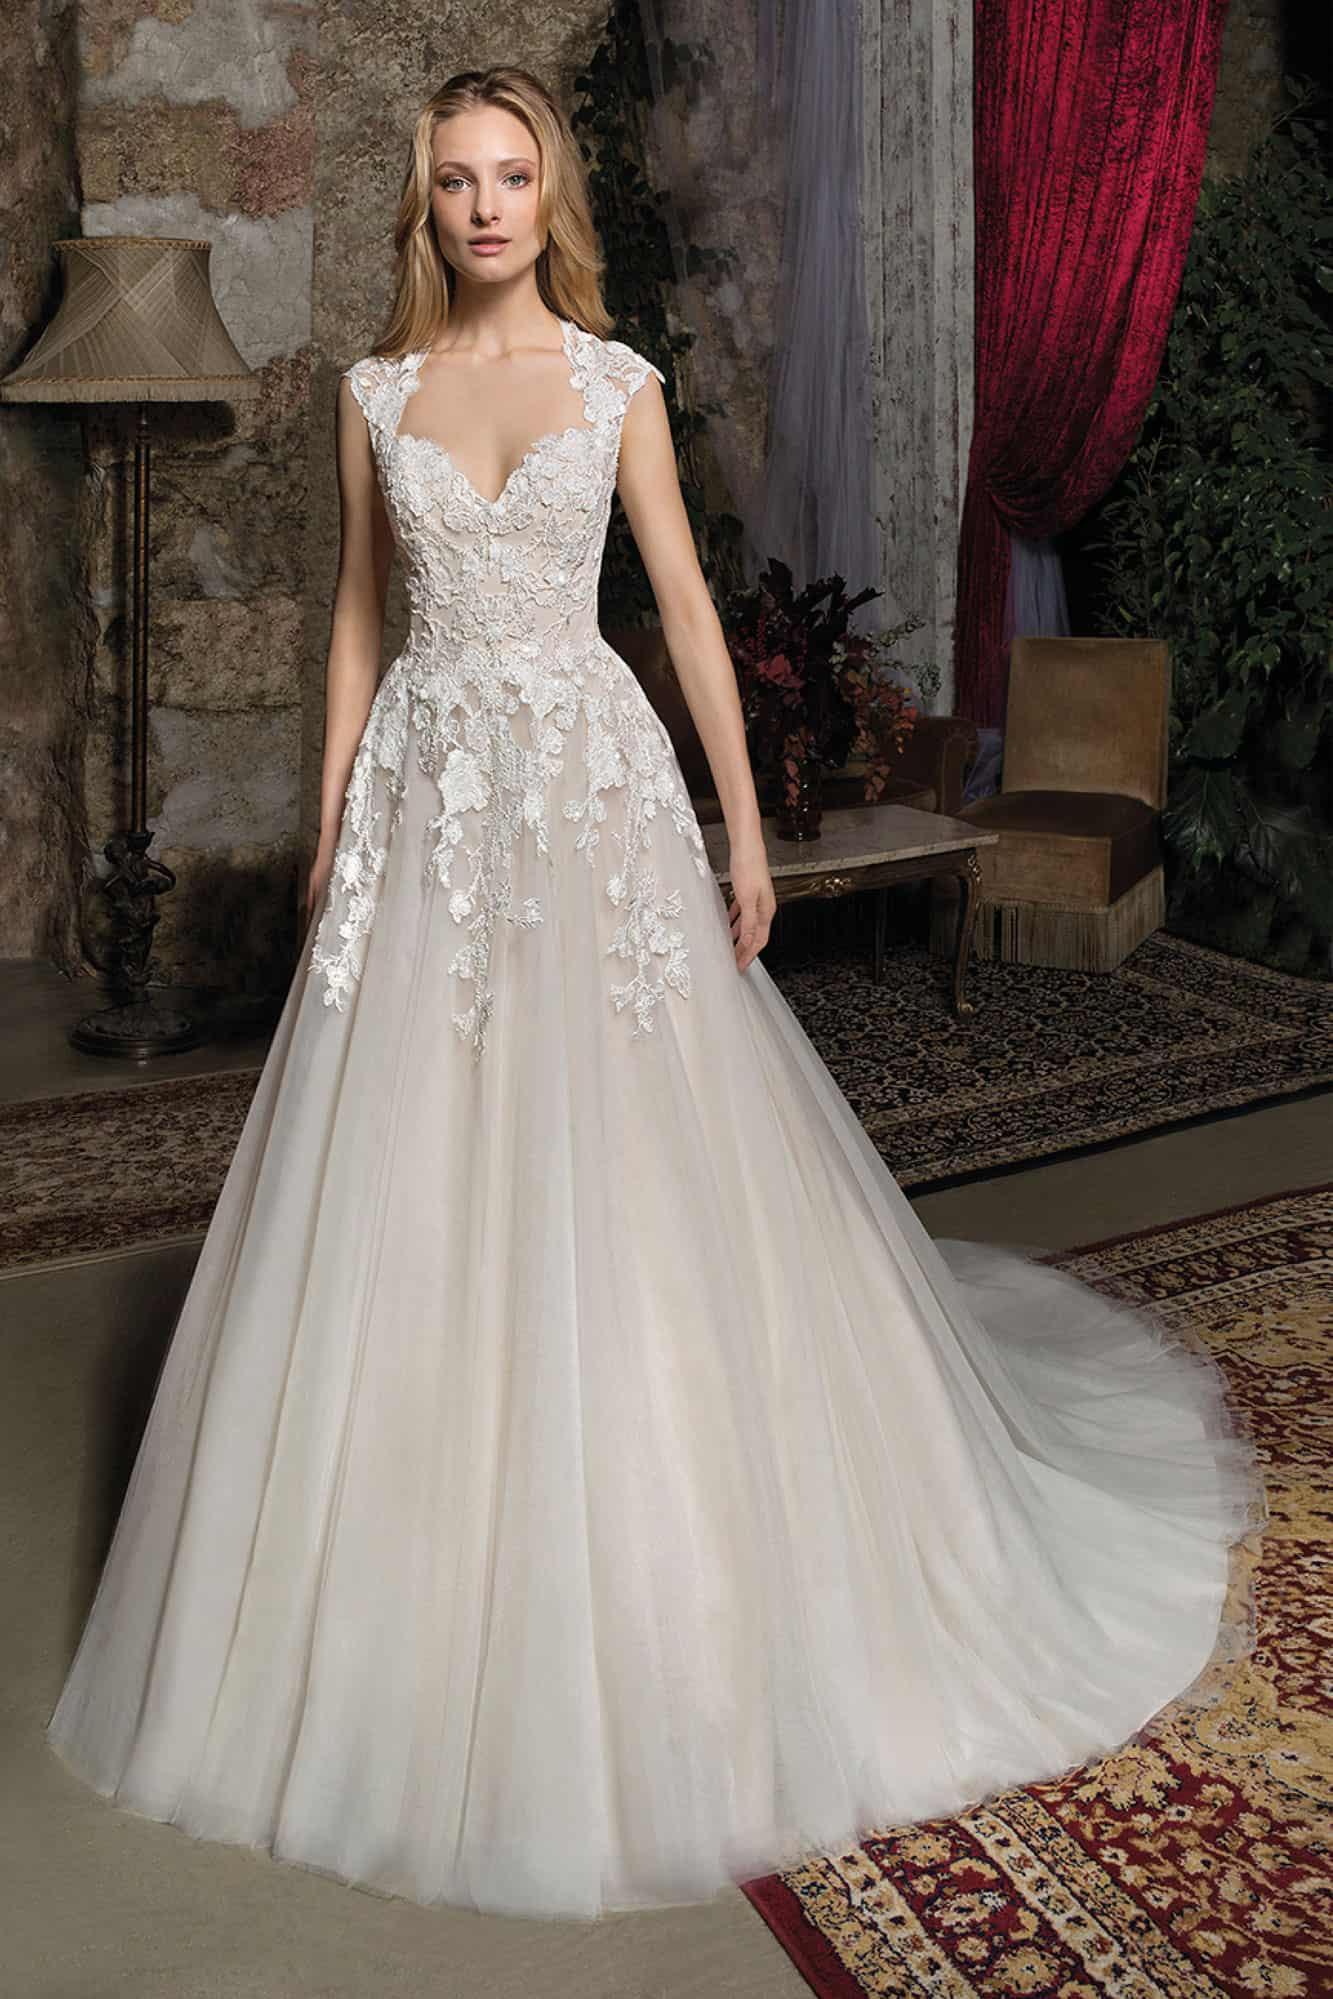 Designer Luxurius Brautkleid Hochzeitskleid StylishFormal Einzigartig Brautkleid Hochzeitskleid Spezialgebiet